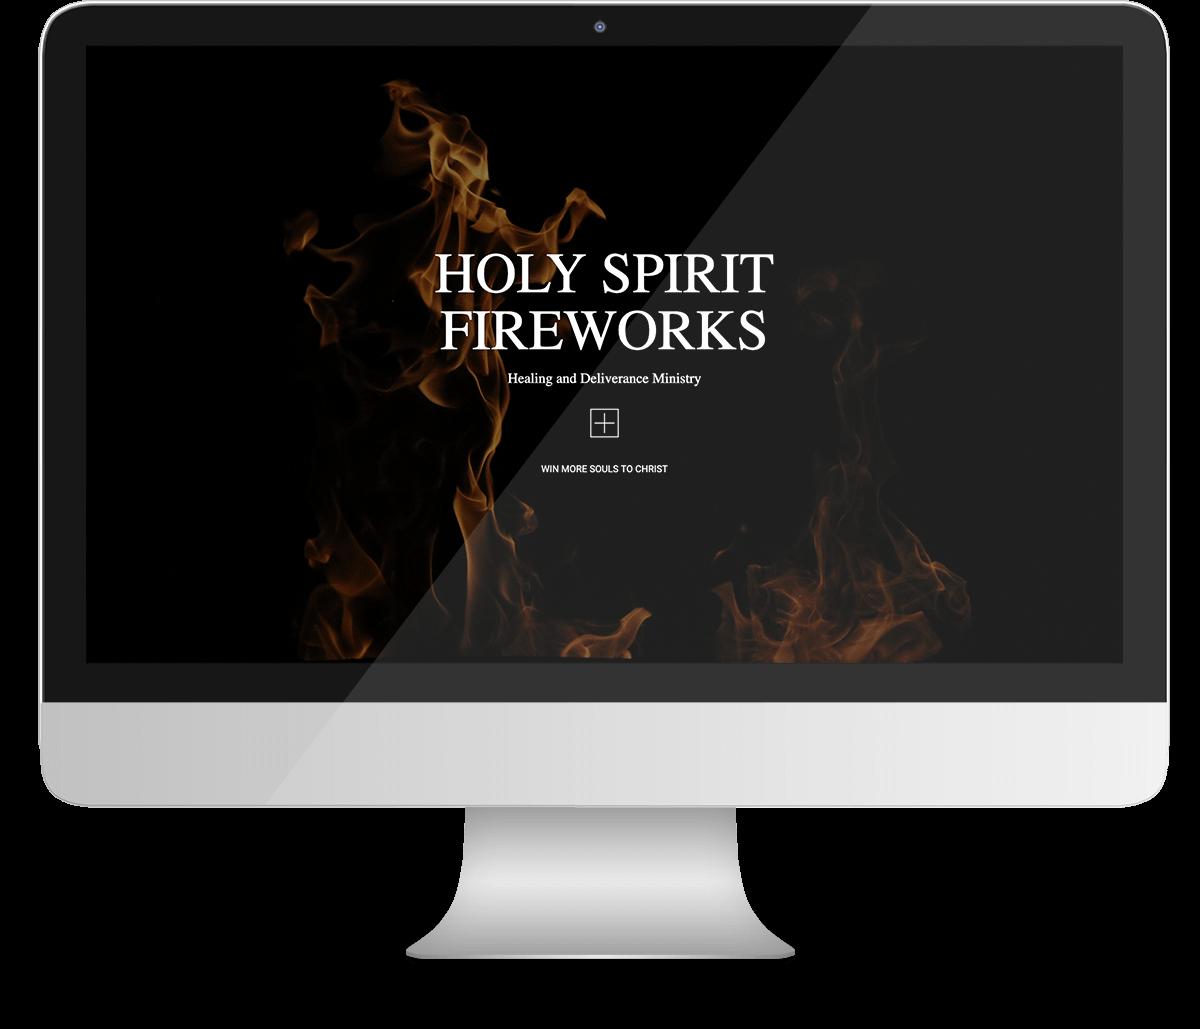 Holy Spirit Fireworks